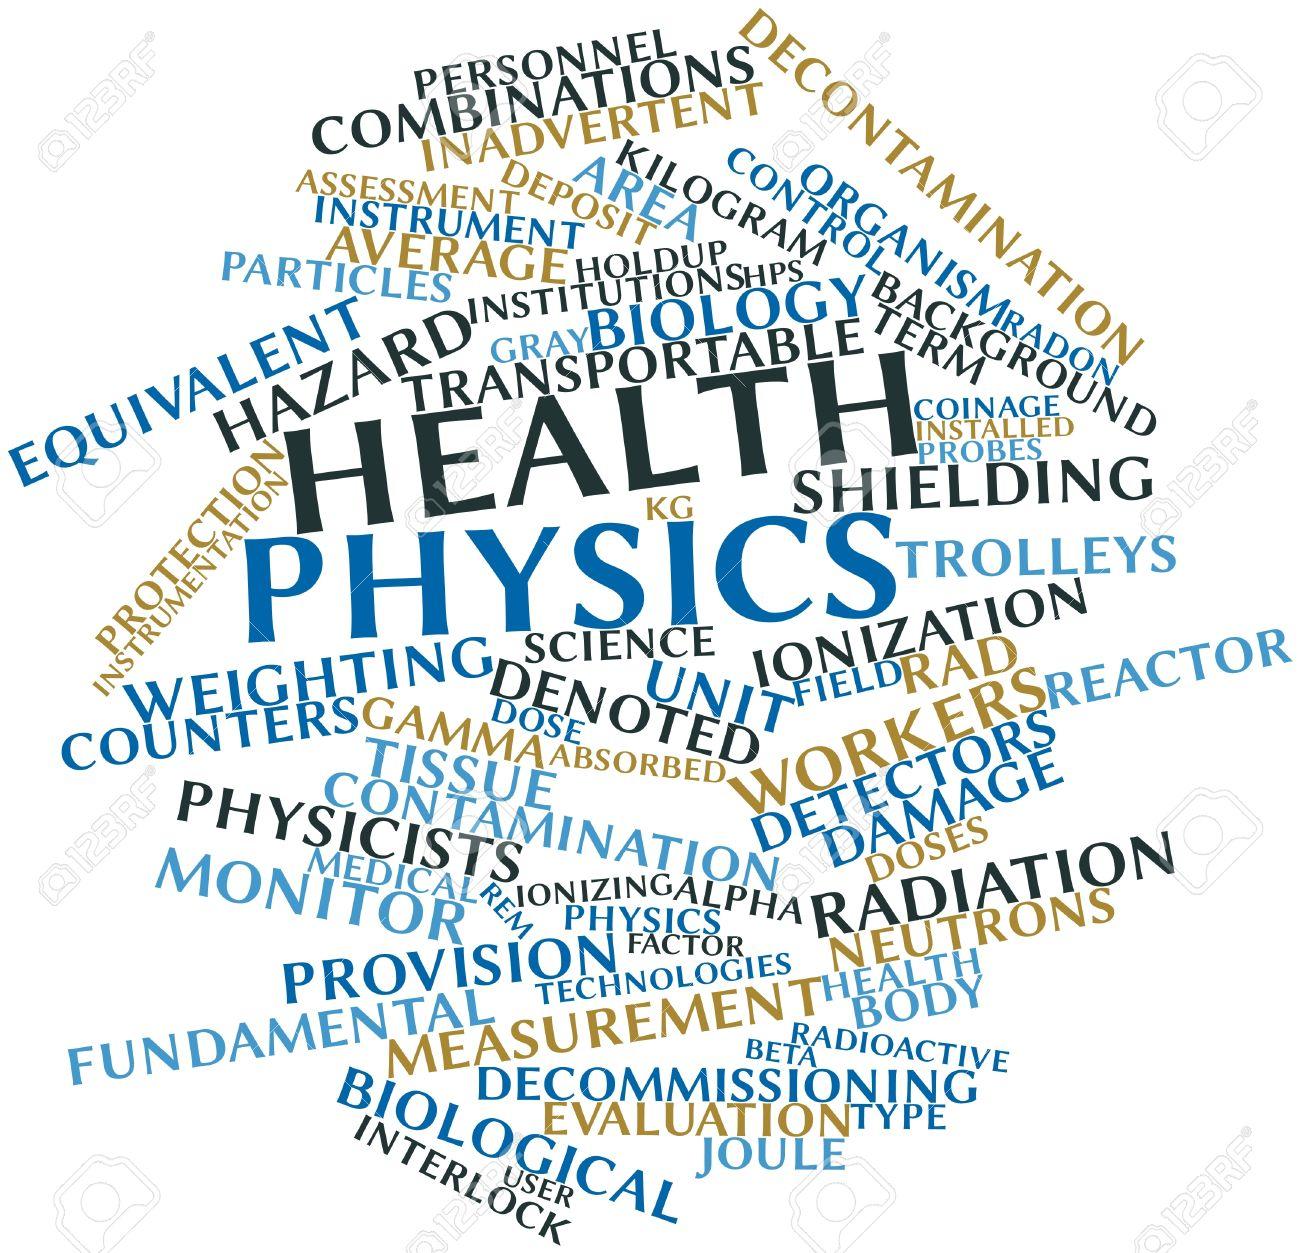 関連タグと用語と保健物理学の抽...